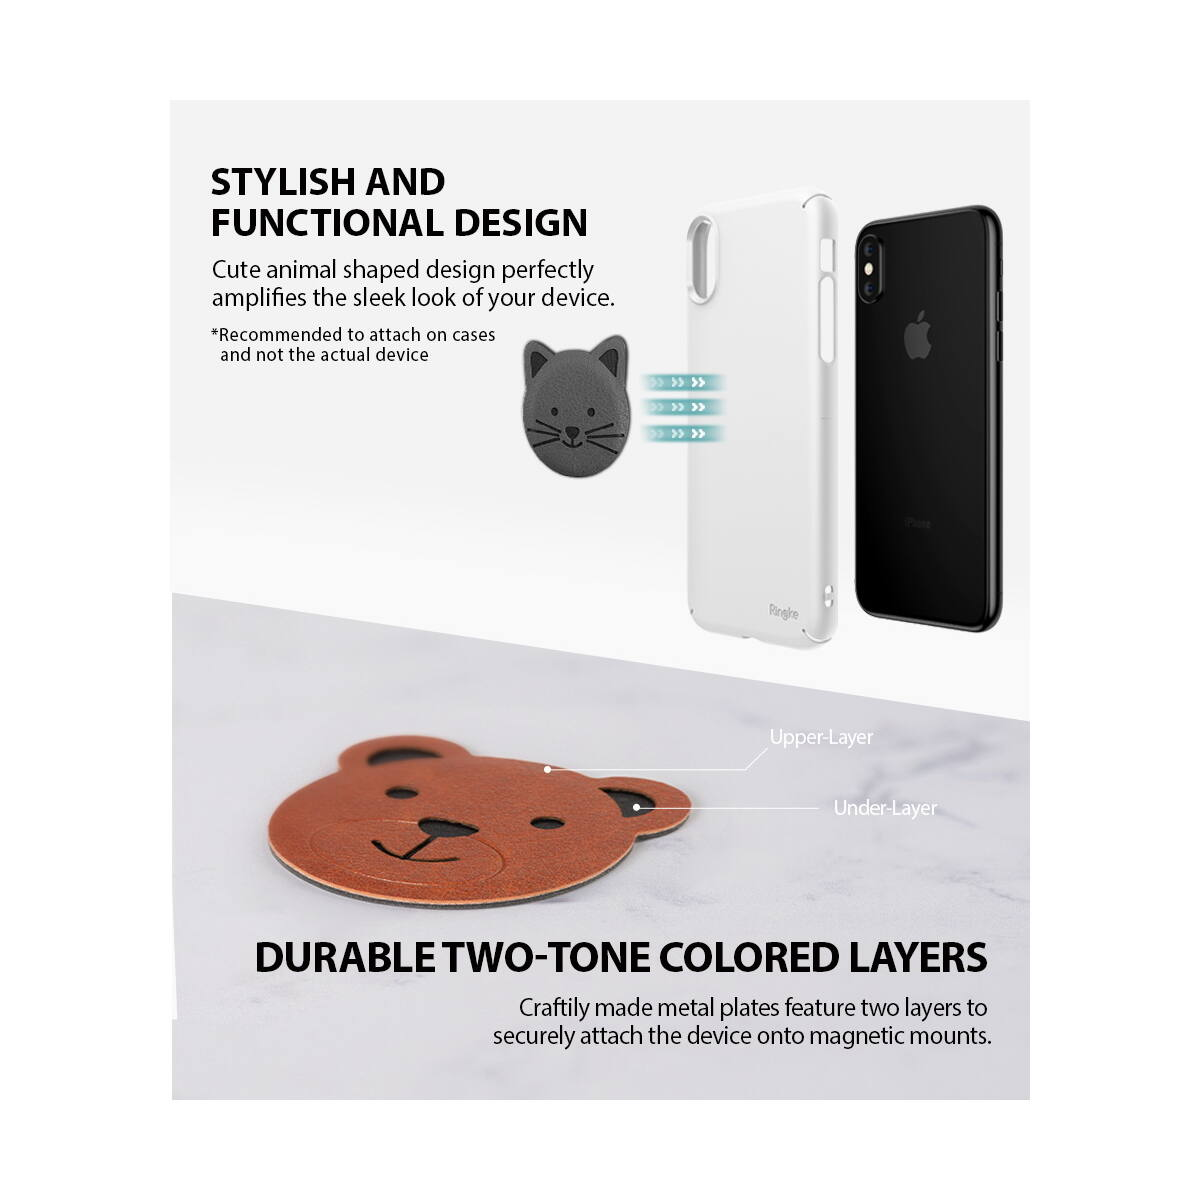 Ringke Karakteres fémlap mágneses autós tartóhoz, állatmintás (5db), Többféle